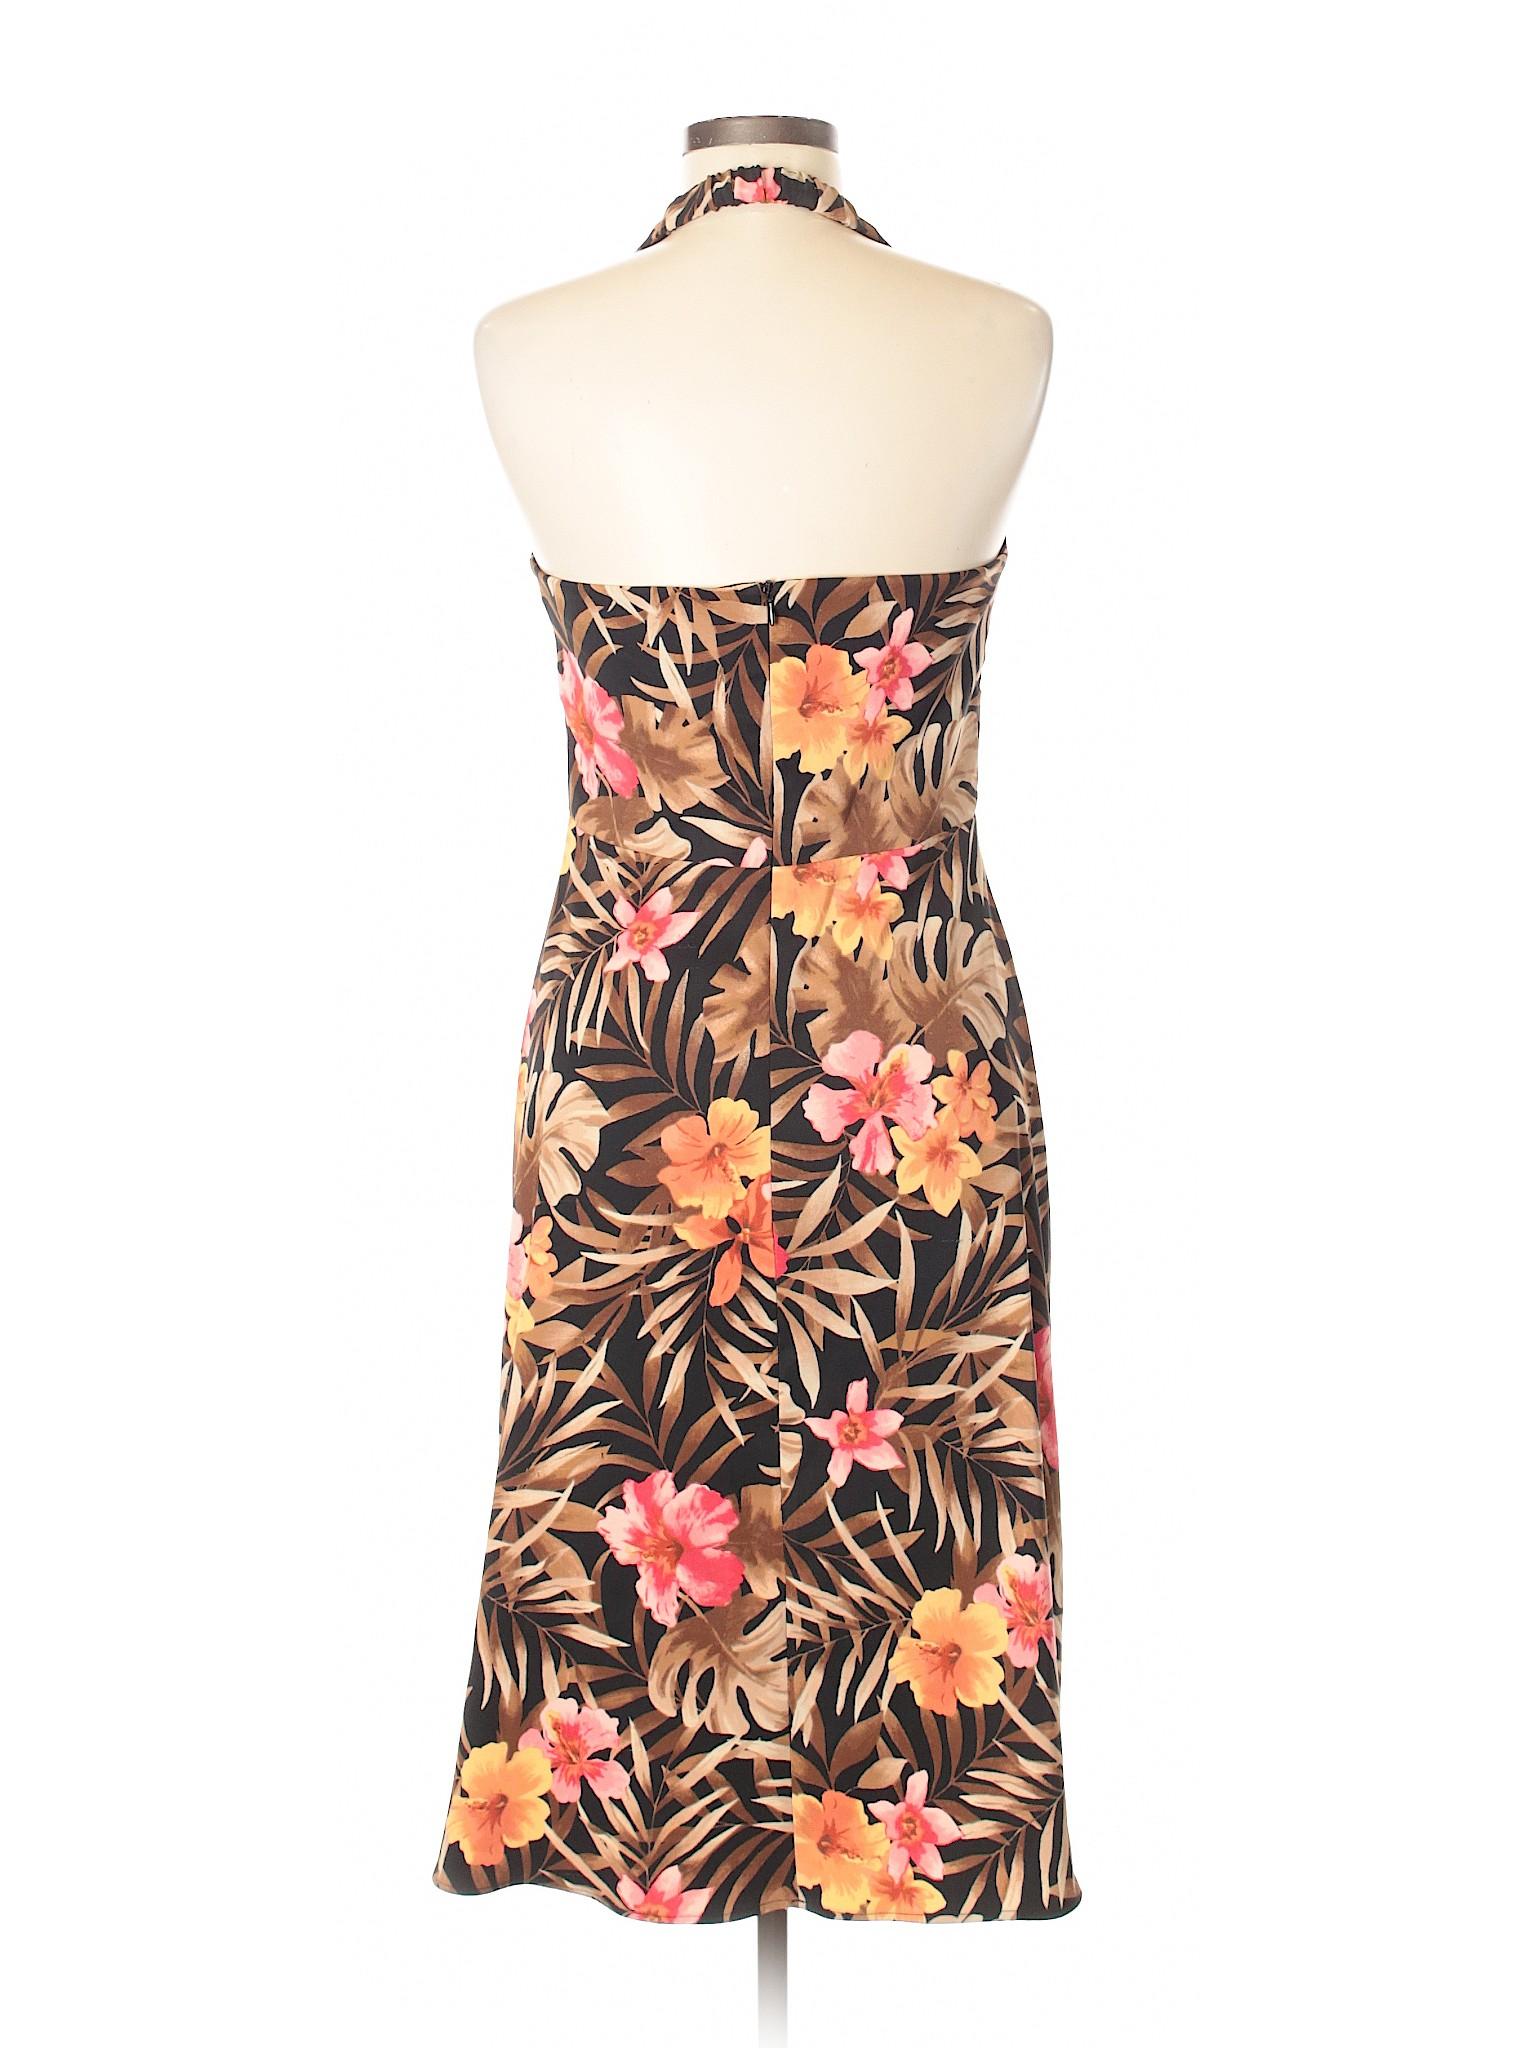 Casual Boutique Winter Dress Ab Studio tvwtaqrx6